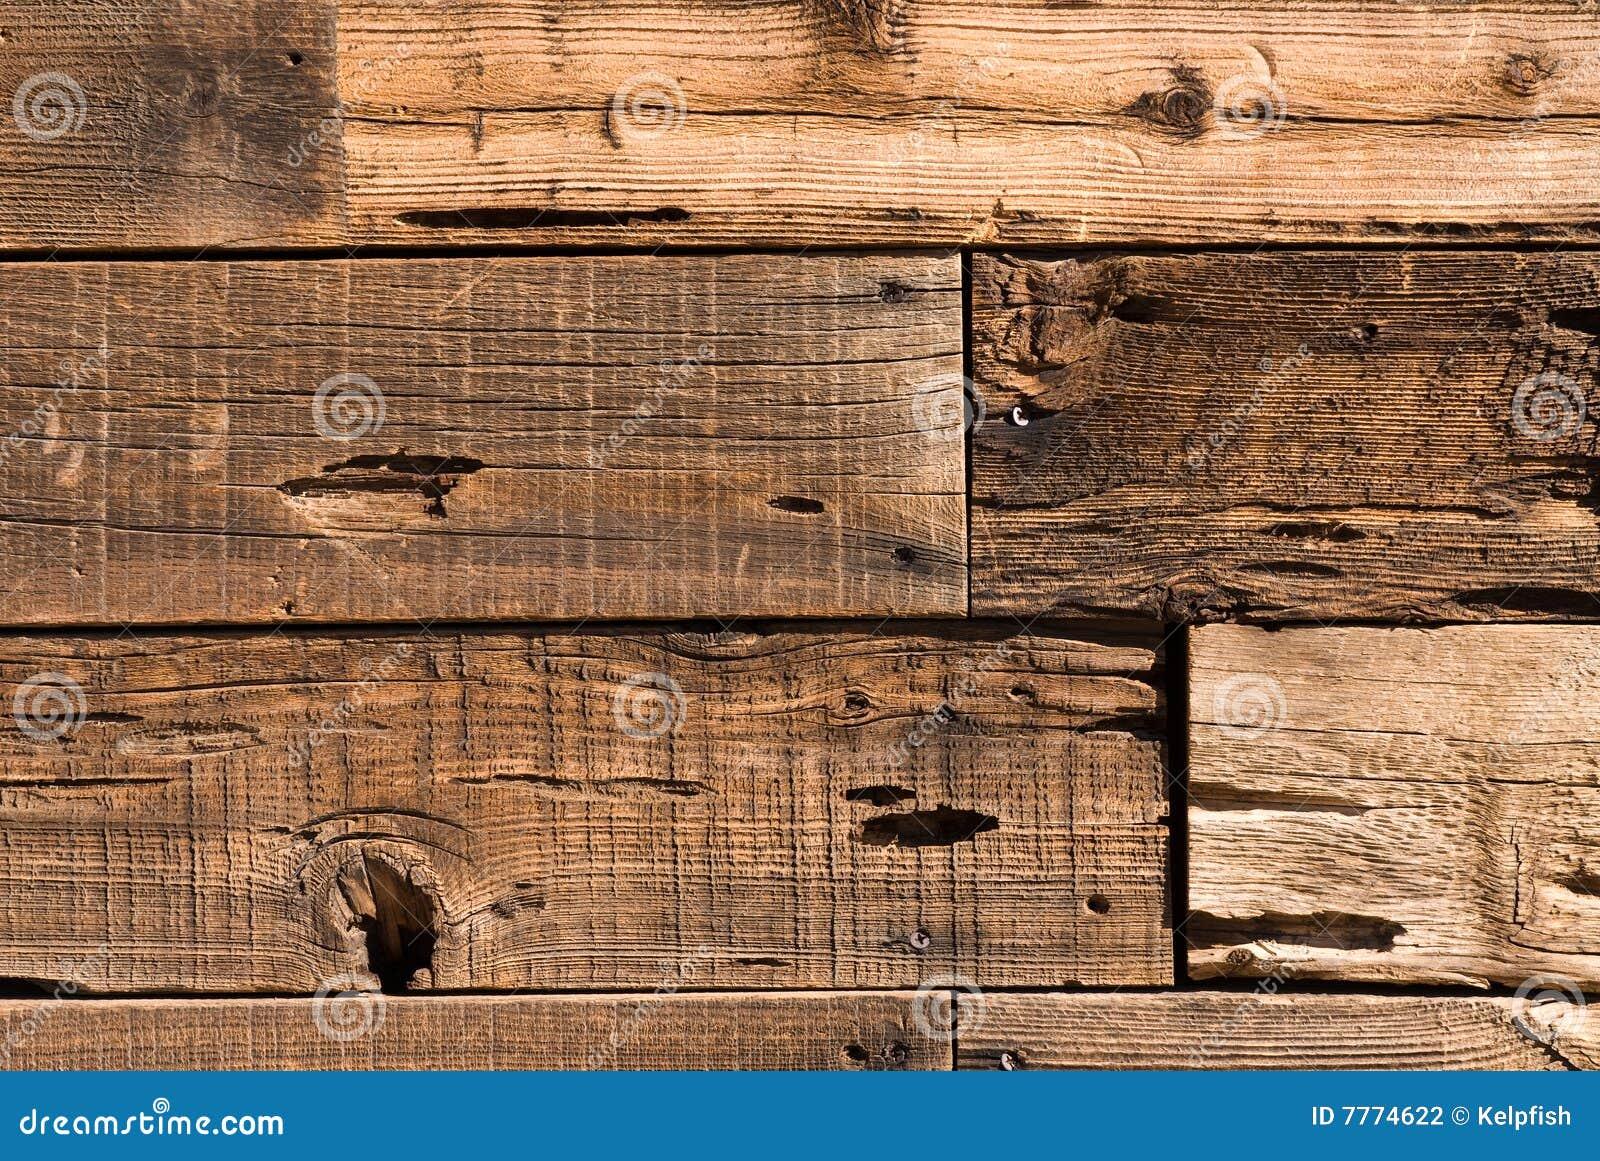 Vieilles planches en bois photographie stock image 7774622 for Vieille planche de bois